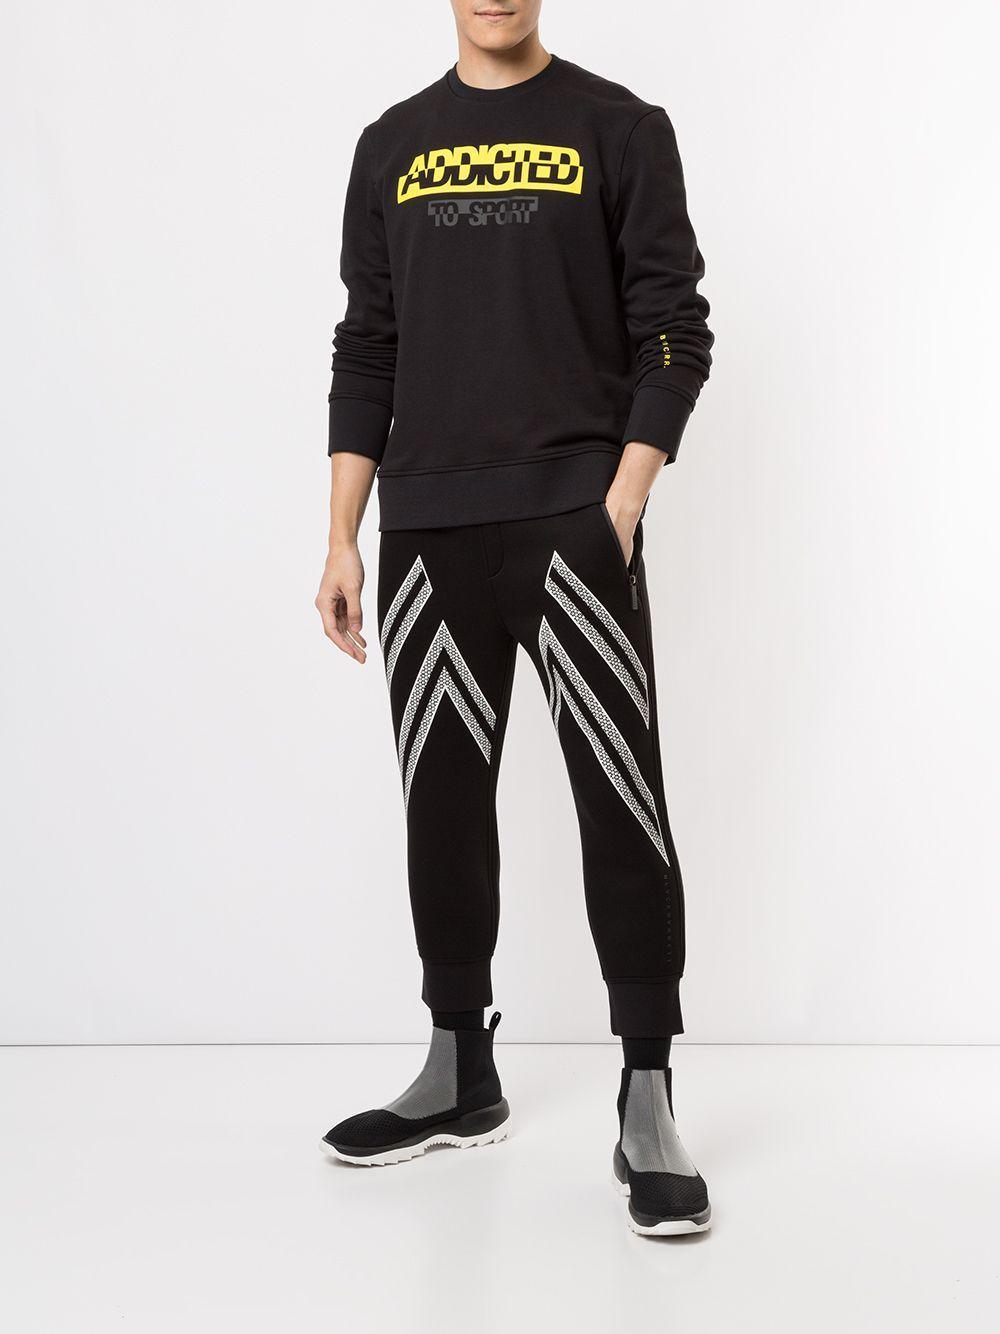 Neil Barrett Katoen Sweater Met Tekst in het Zwart voor heren